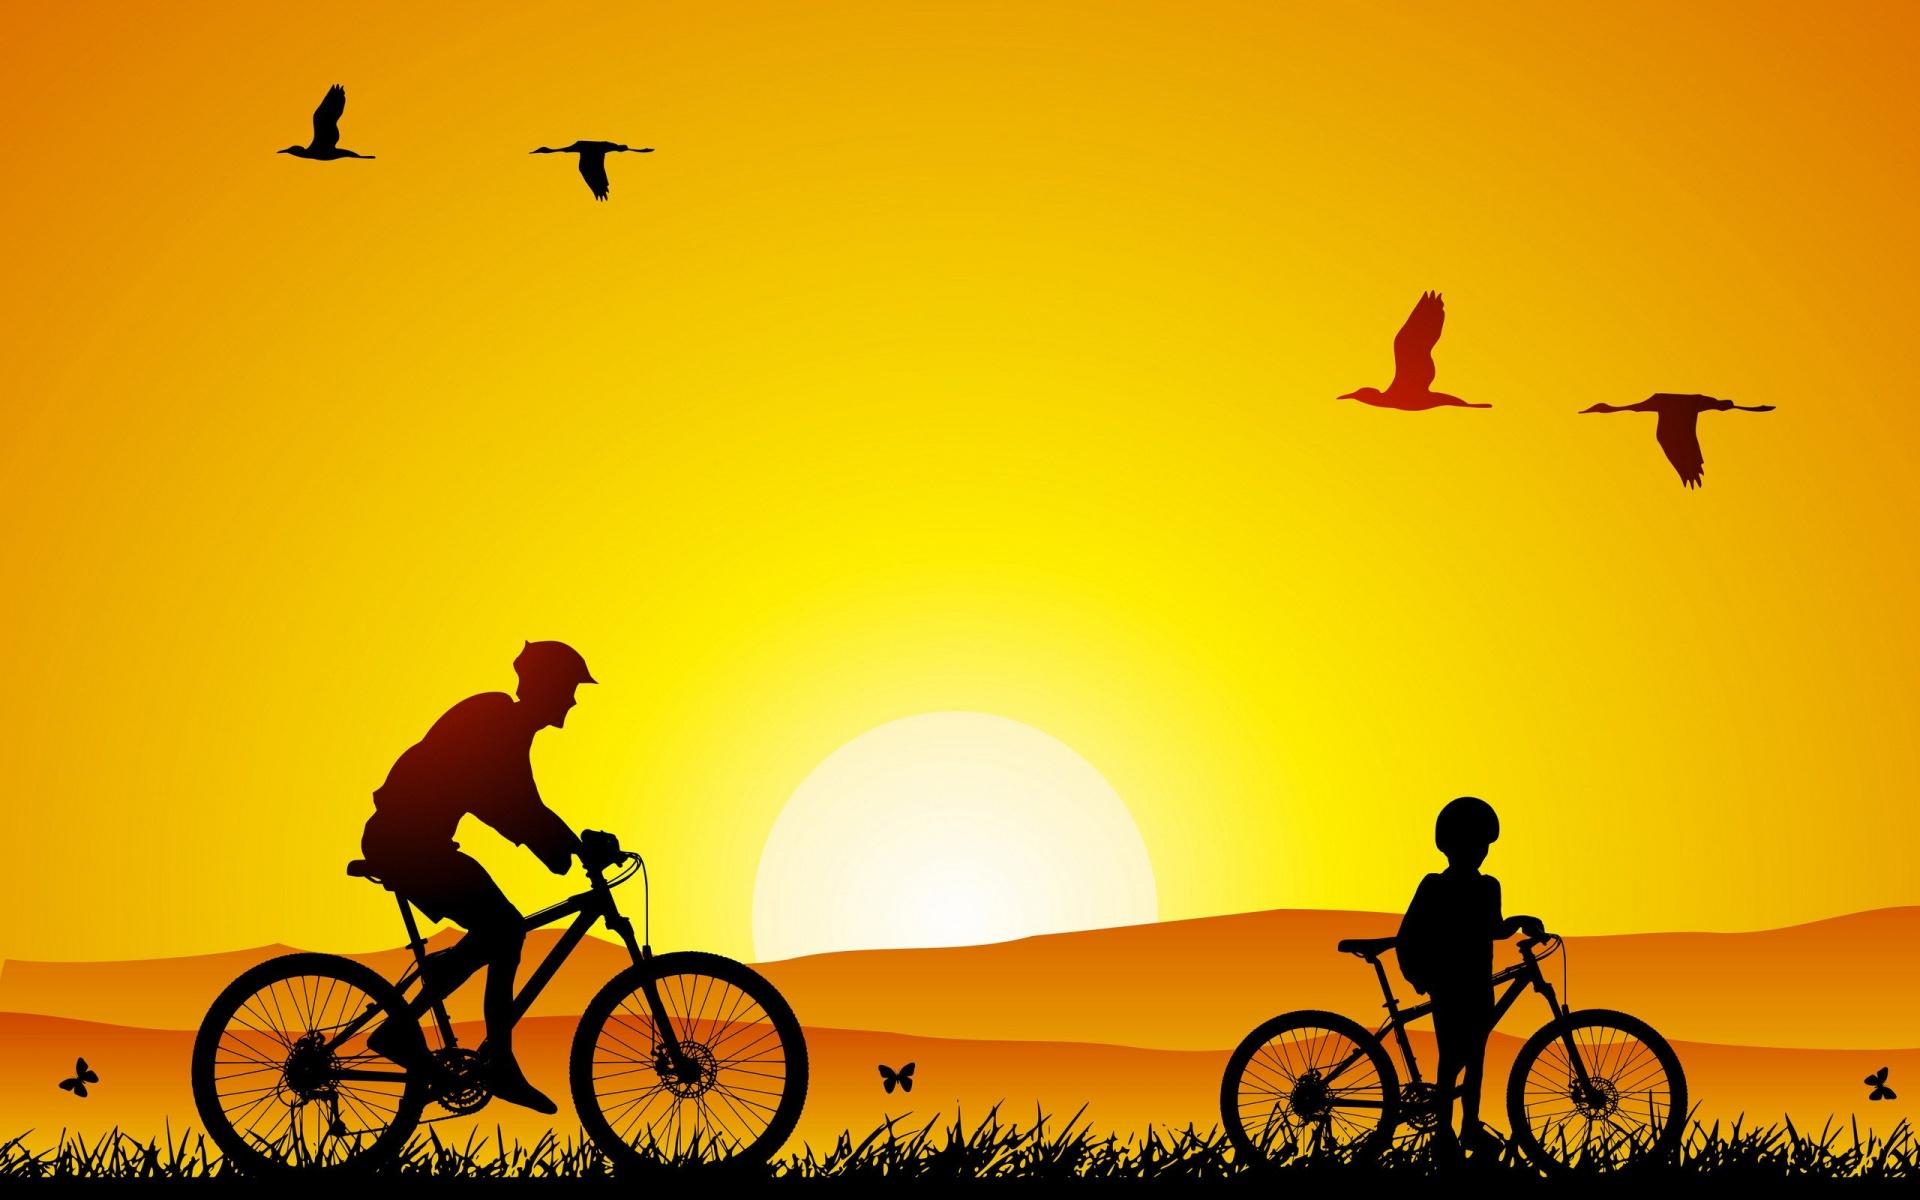 Nguyệt san tháng 3/2021: Vai trò của người cha trong việc giáo dục người trẻ